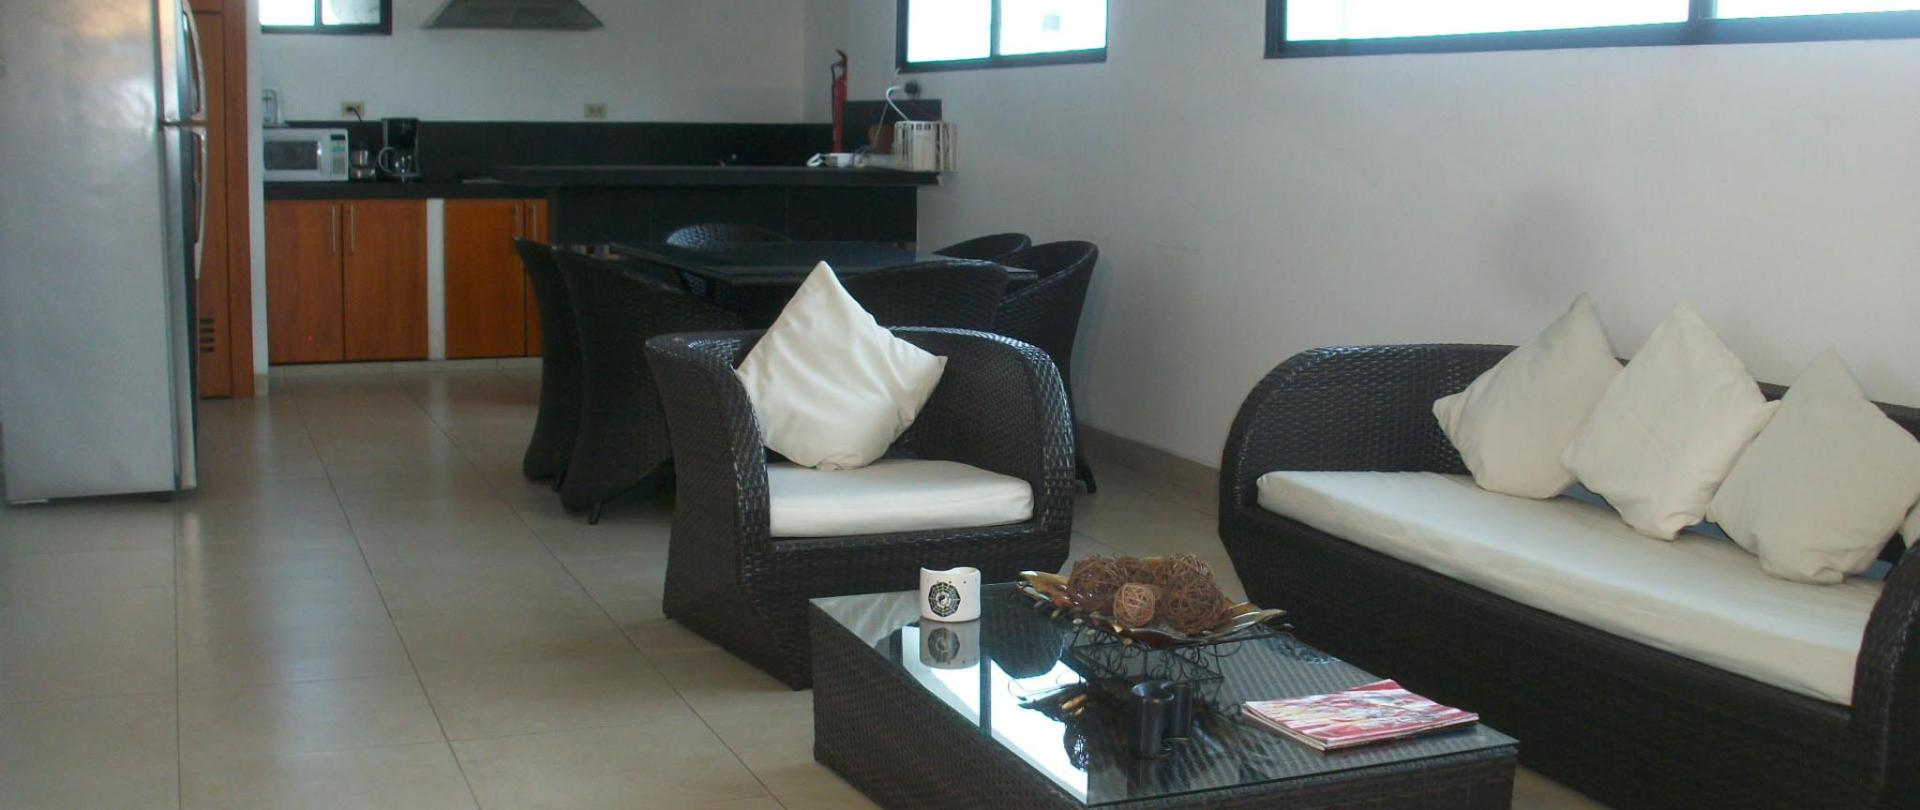 apart-suites-24.jpg